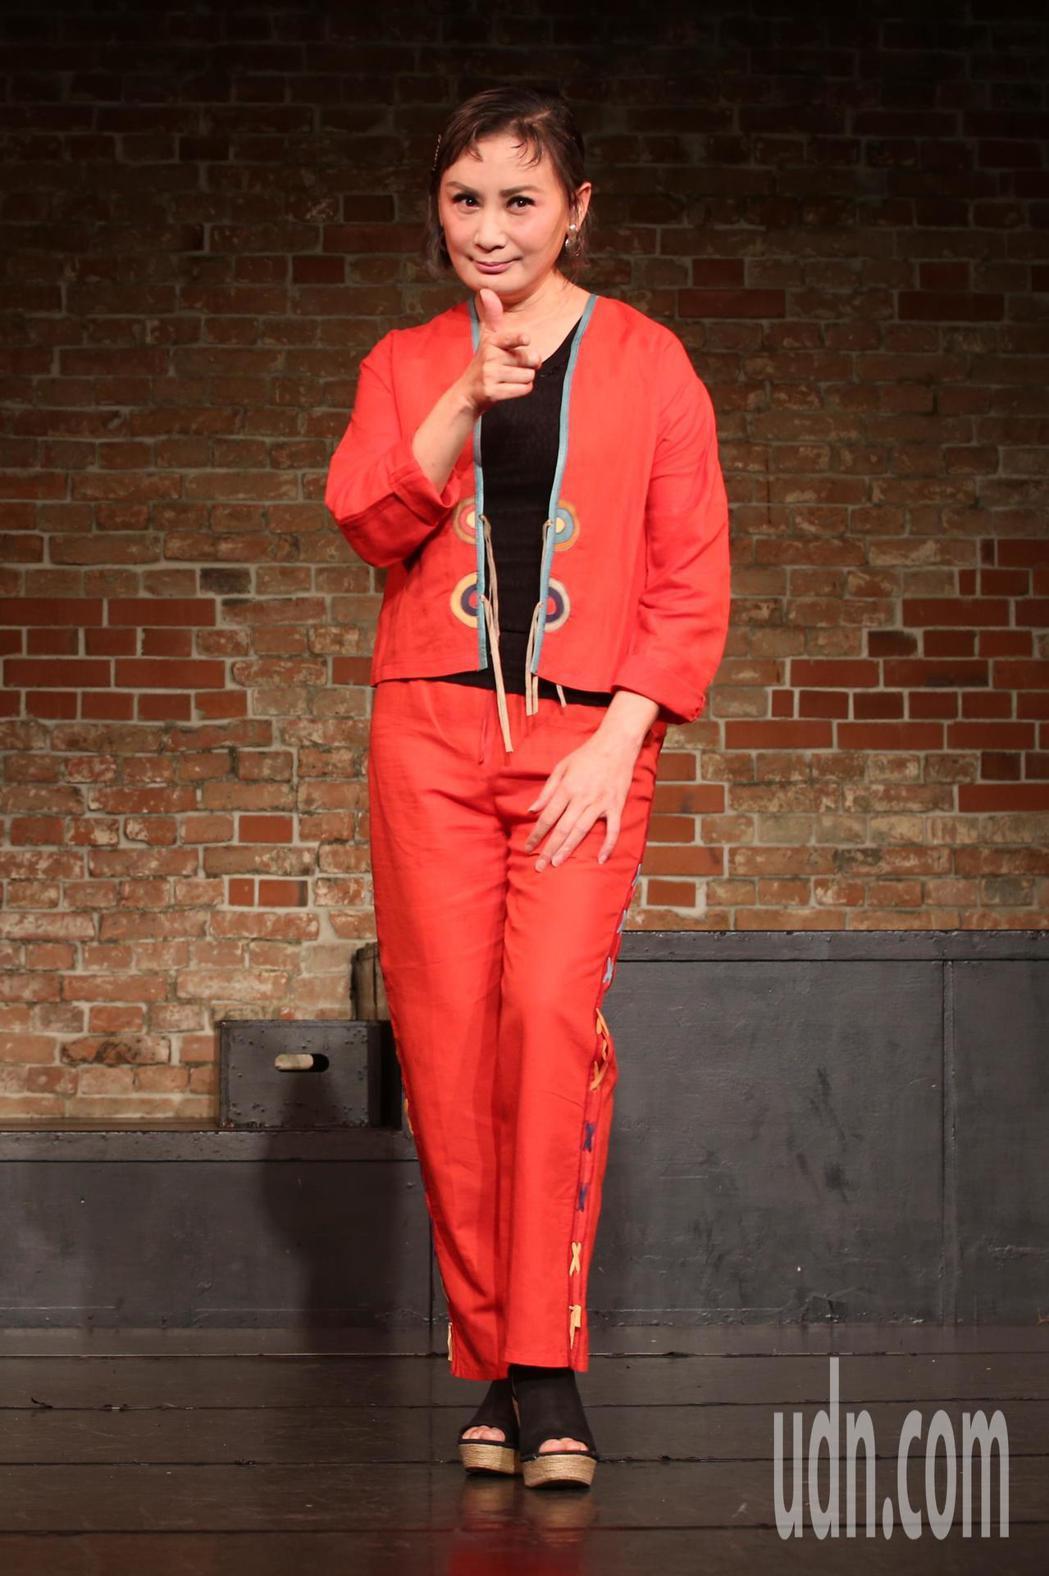 楊麗花歌仔戲《忠孝節義》劇組為陳亞蘭舉辦生日會,她表示雖然拍戲的過程真的很累,但...